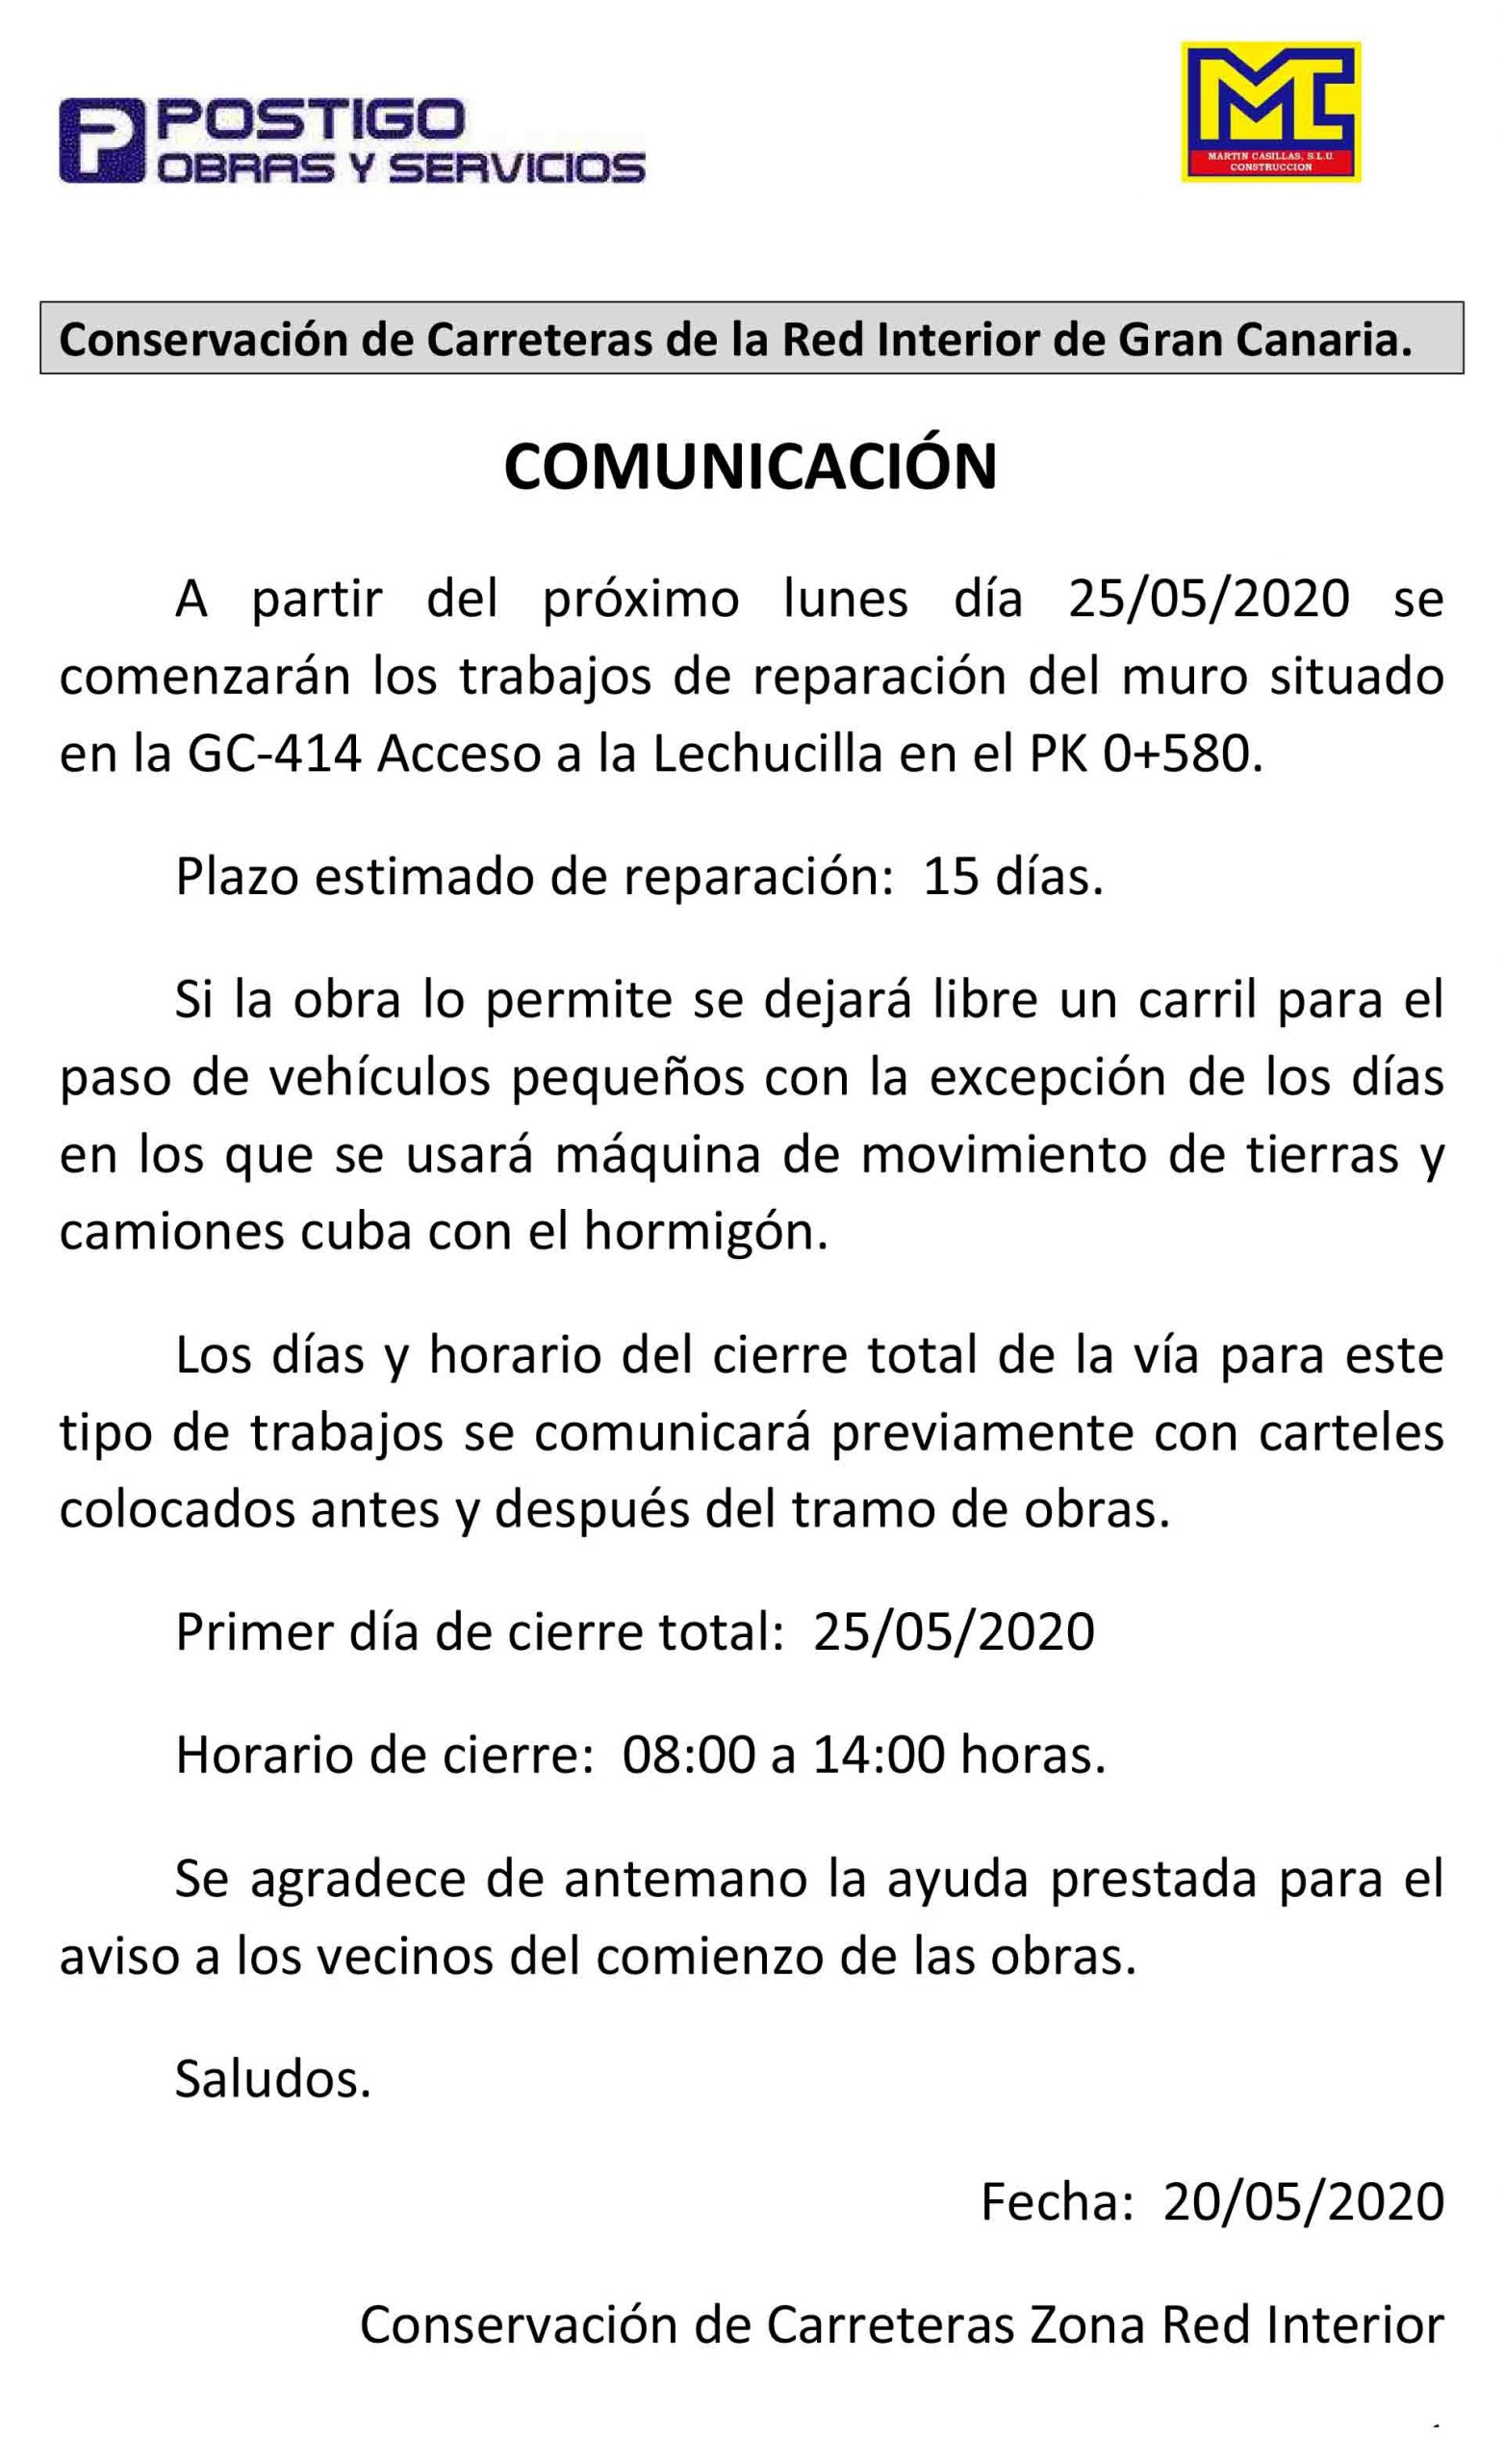 Próximo comienzo de obras en La Lechucilla